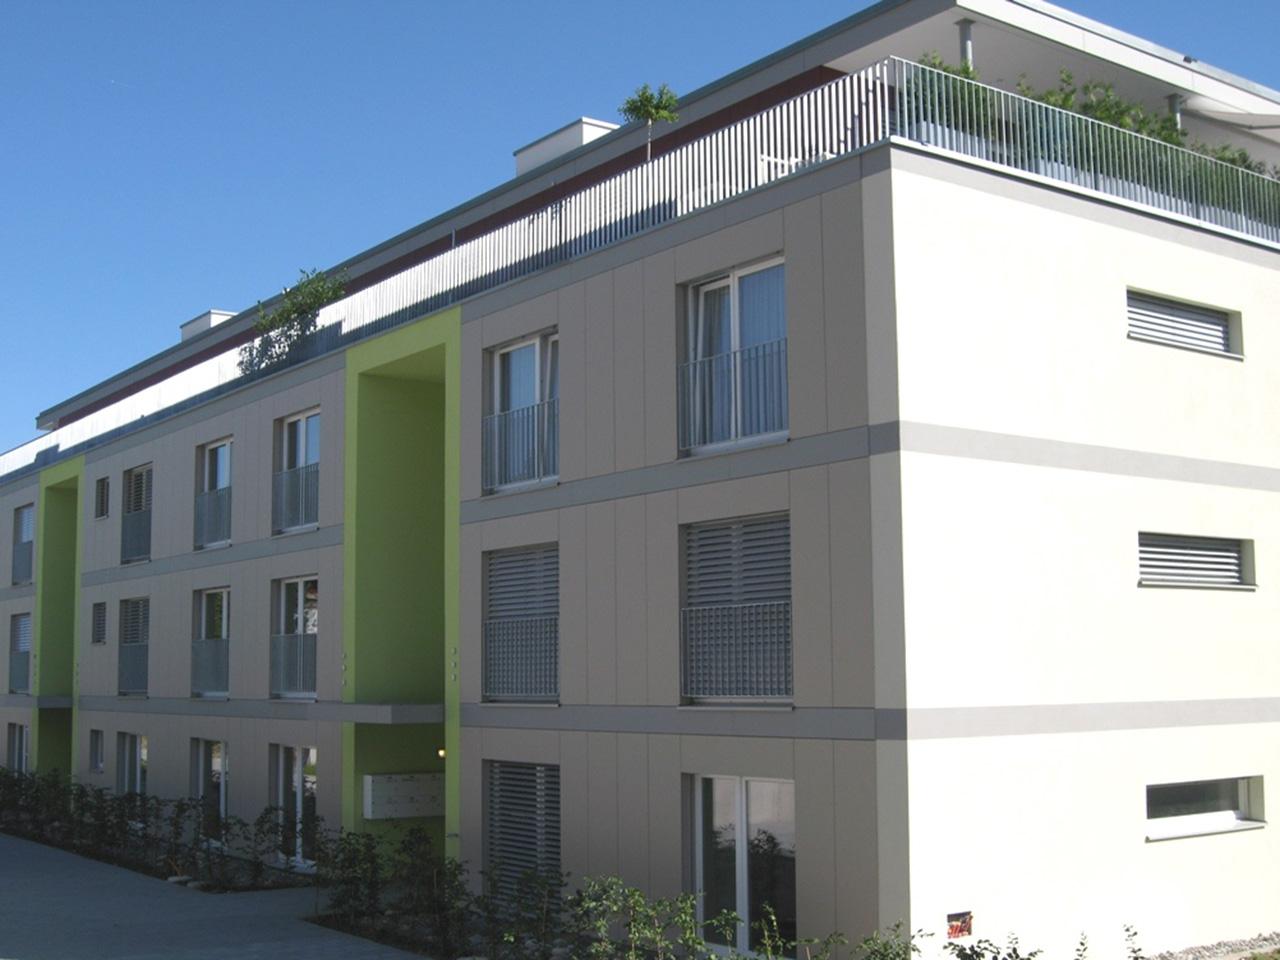 laubhus-architektur-wohnueberbauung-kunten-doettingen